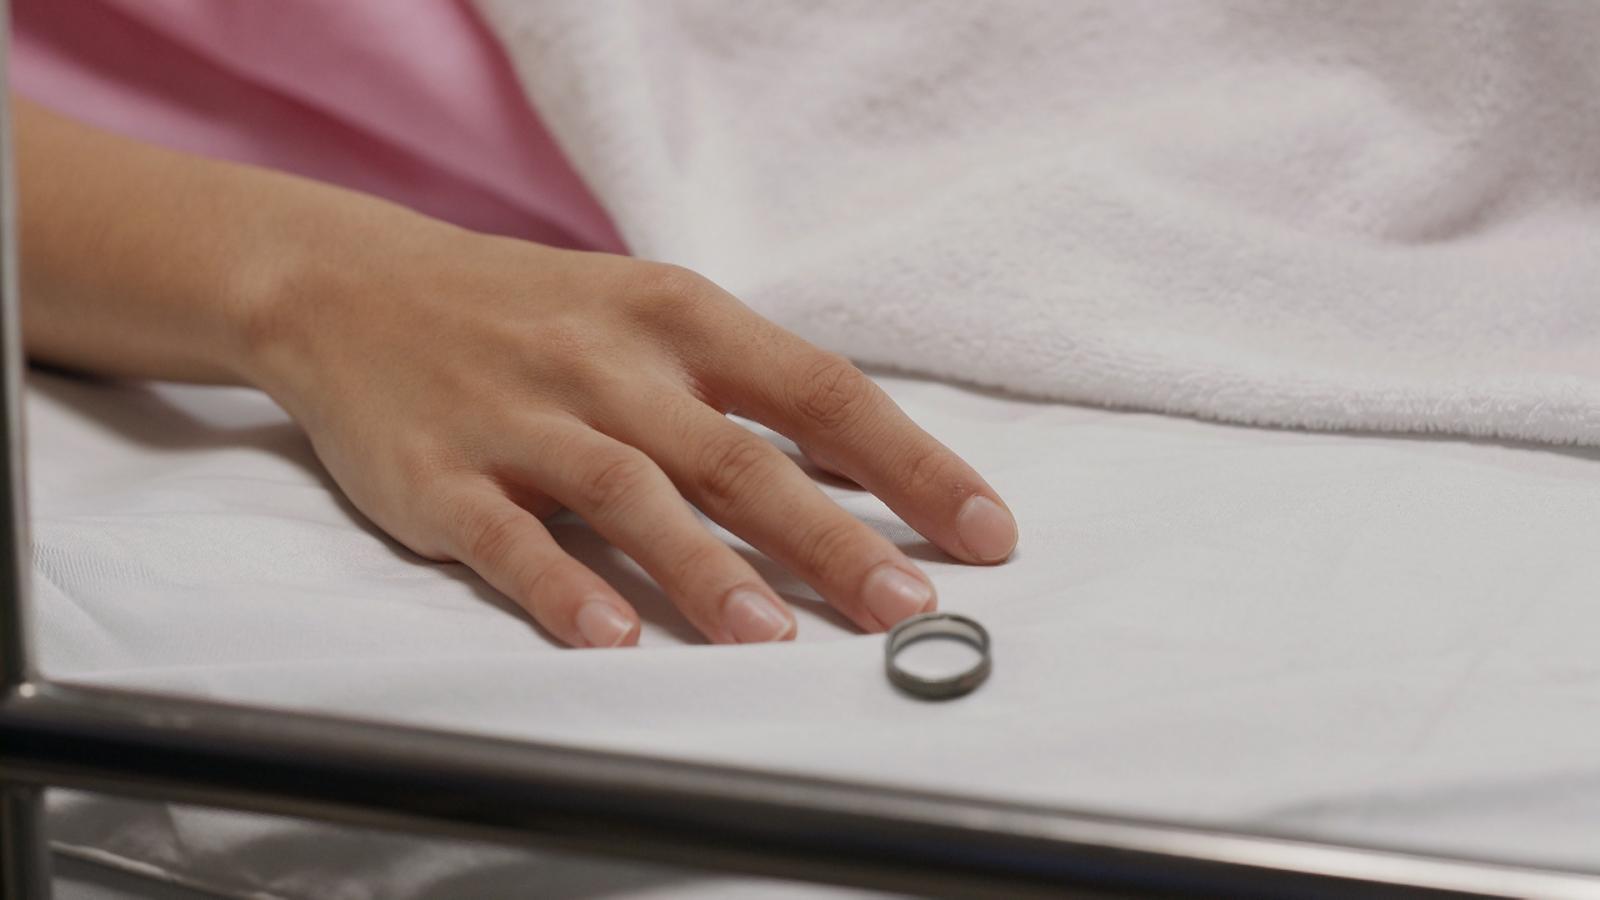 ฟินสุด | แหวนวิเศษพรากคนรักไป | กลับไปสู่วันฝัน EP.3 | PPTV HD 36